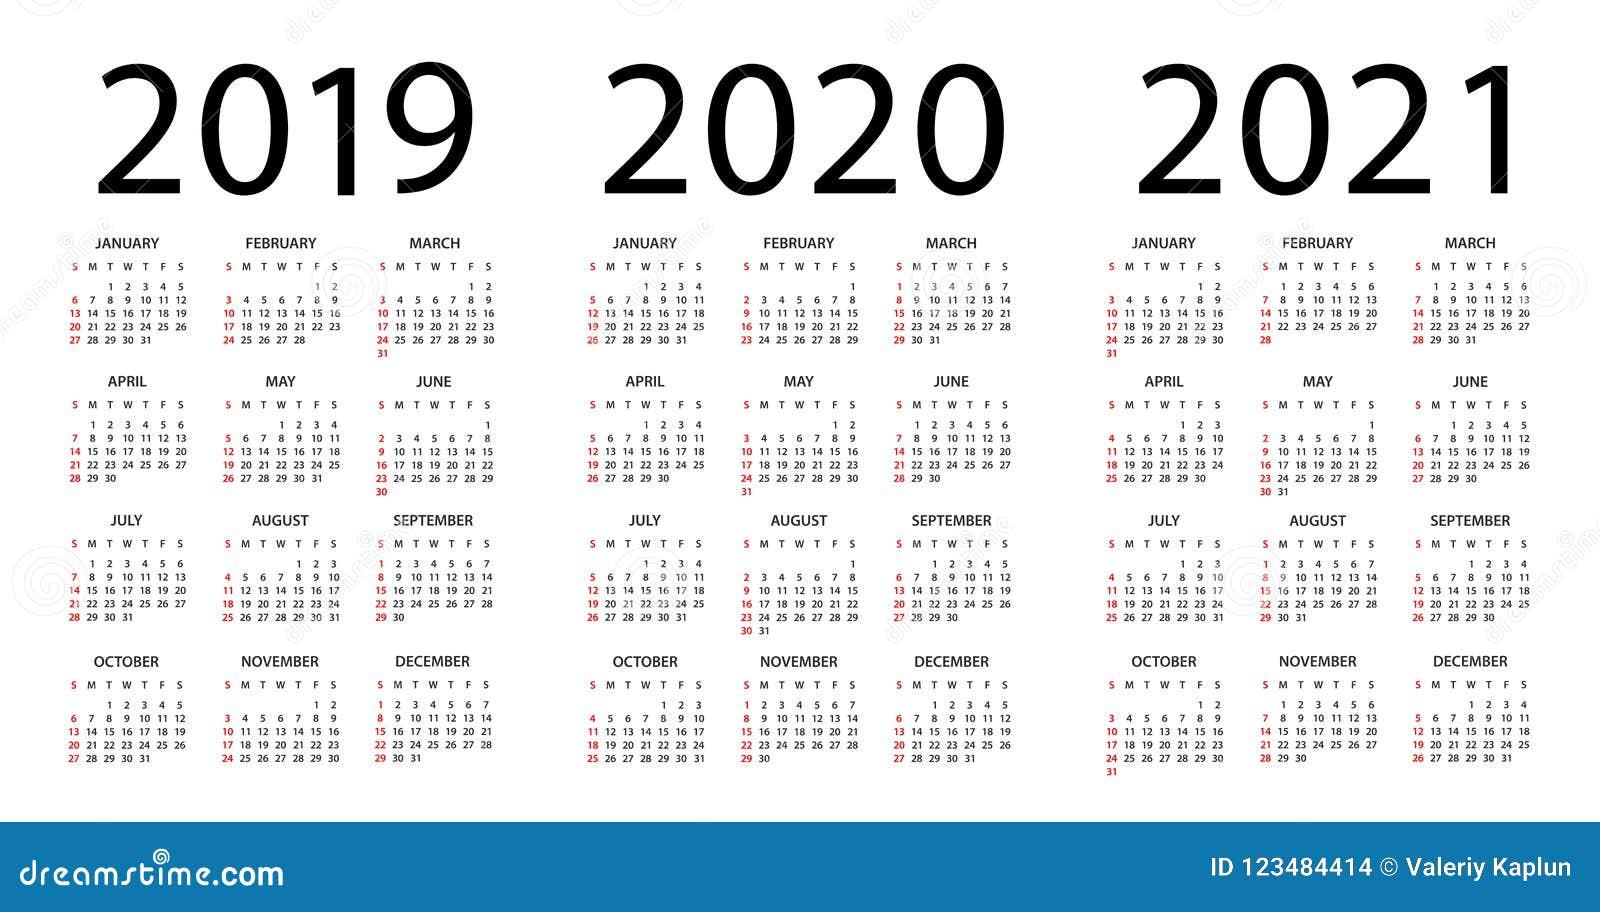 Calendrier 2019 Et 2021 Calendrier 2019 2020 2021   Illustration Débuts De Semaine